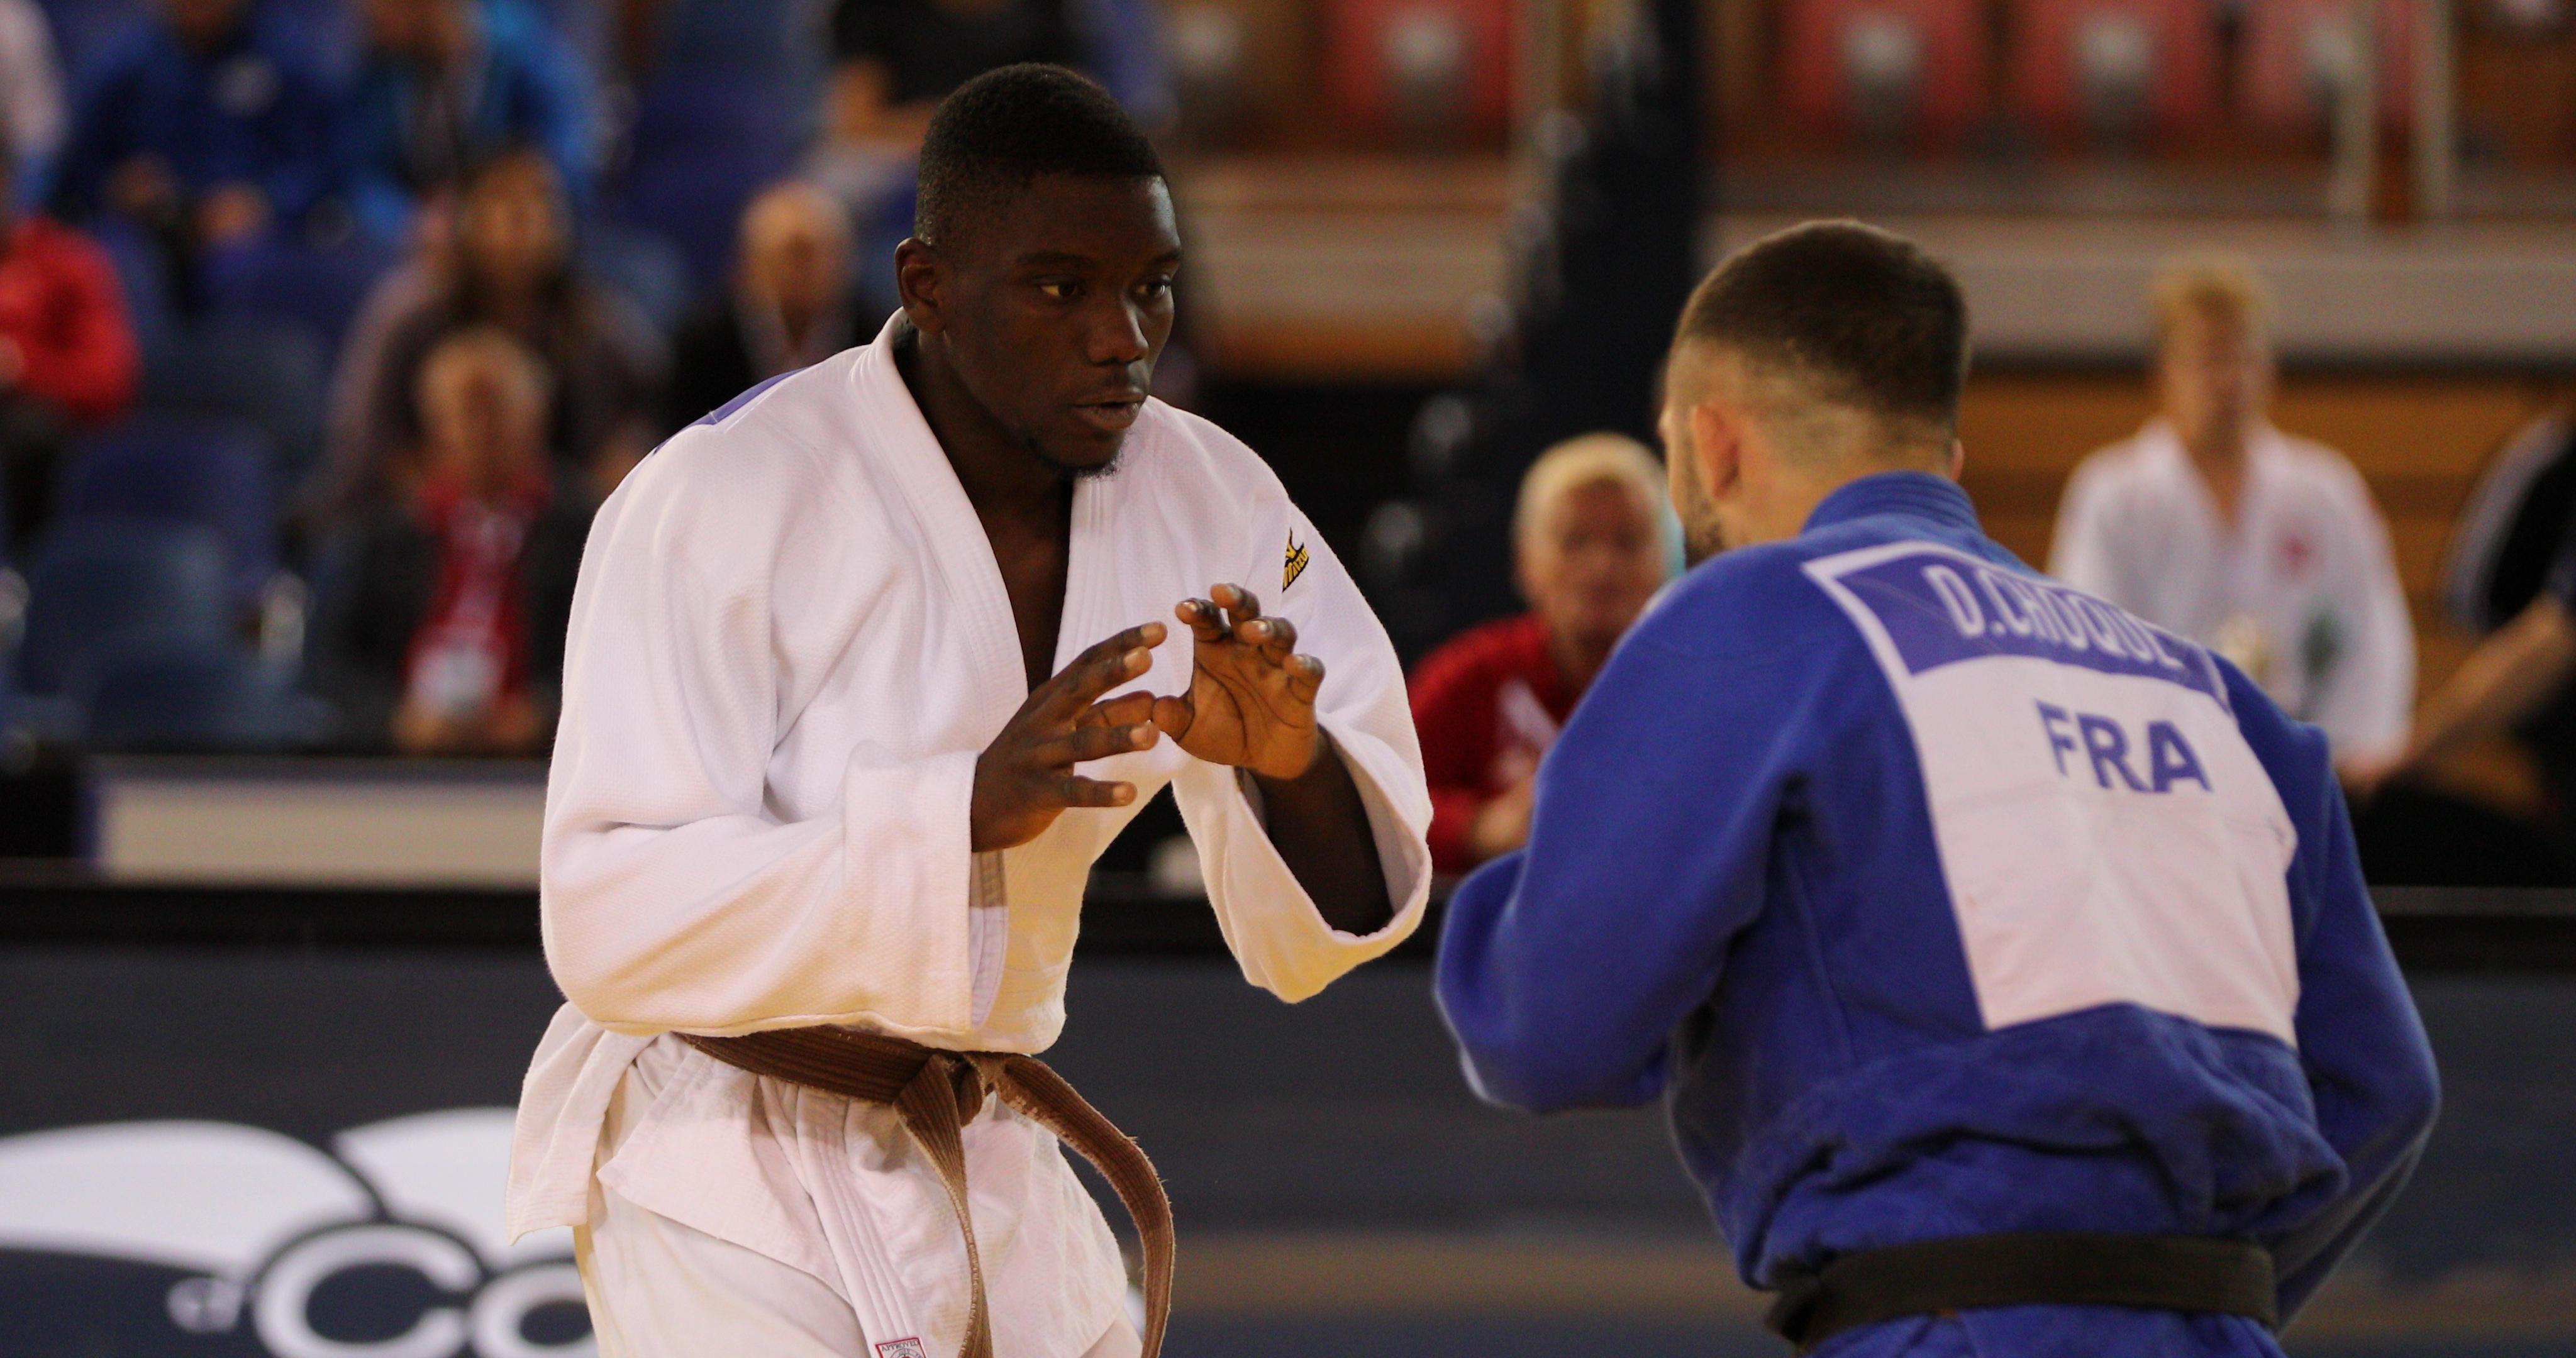 Saarländer messen sich mit der Judo-Weltelite in Luxembourg